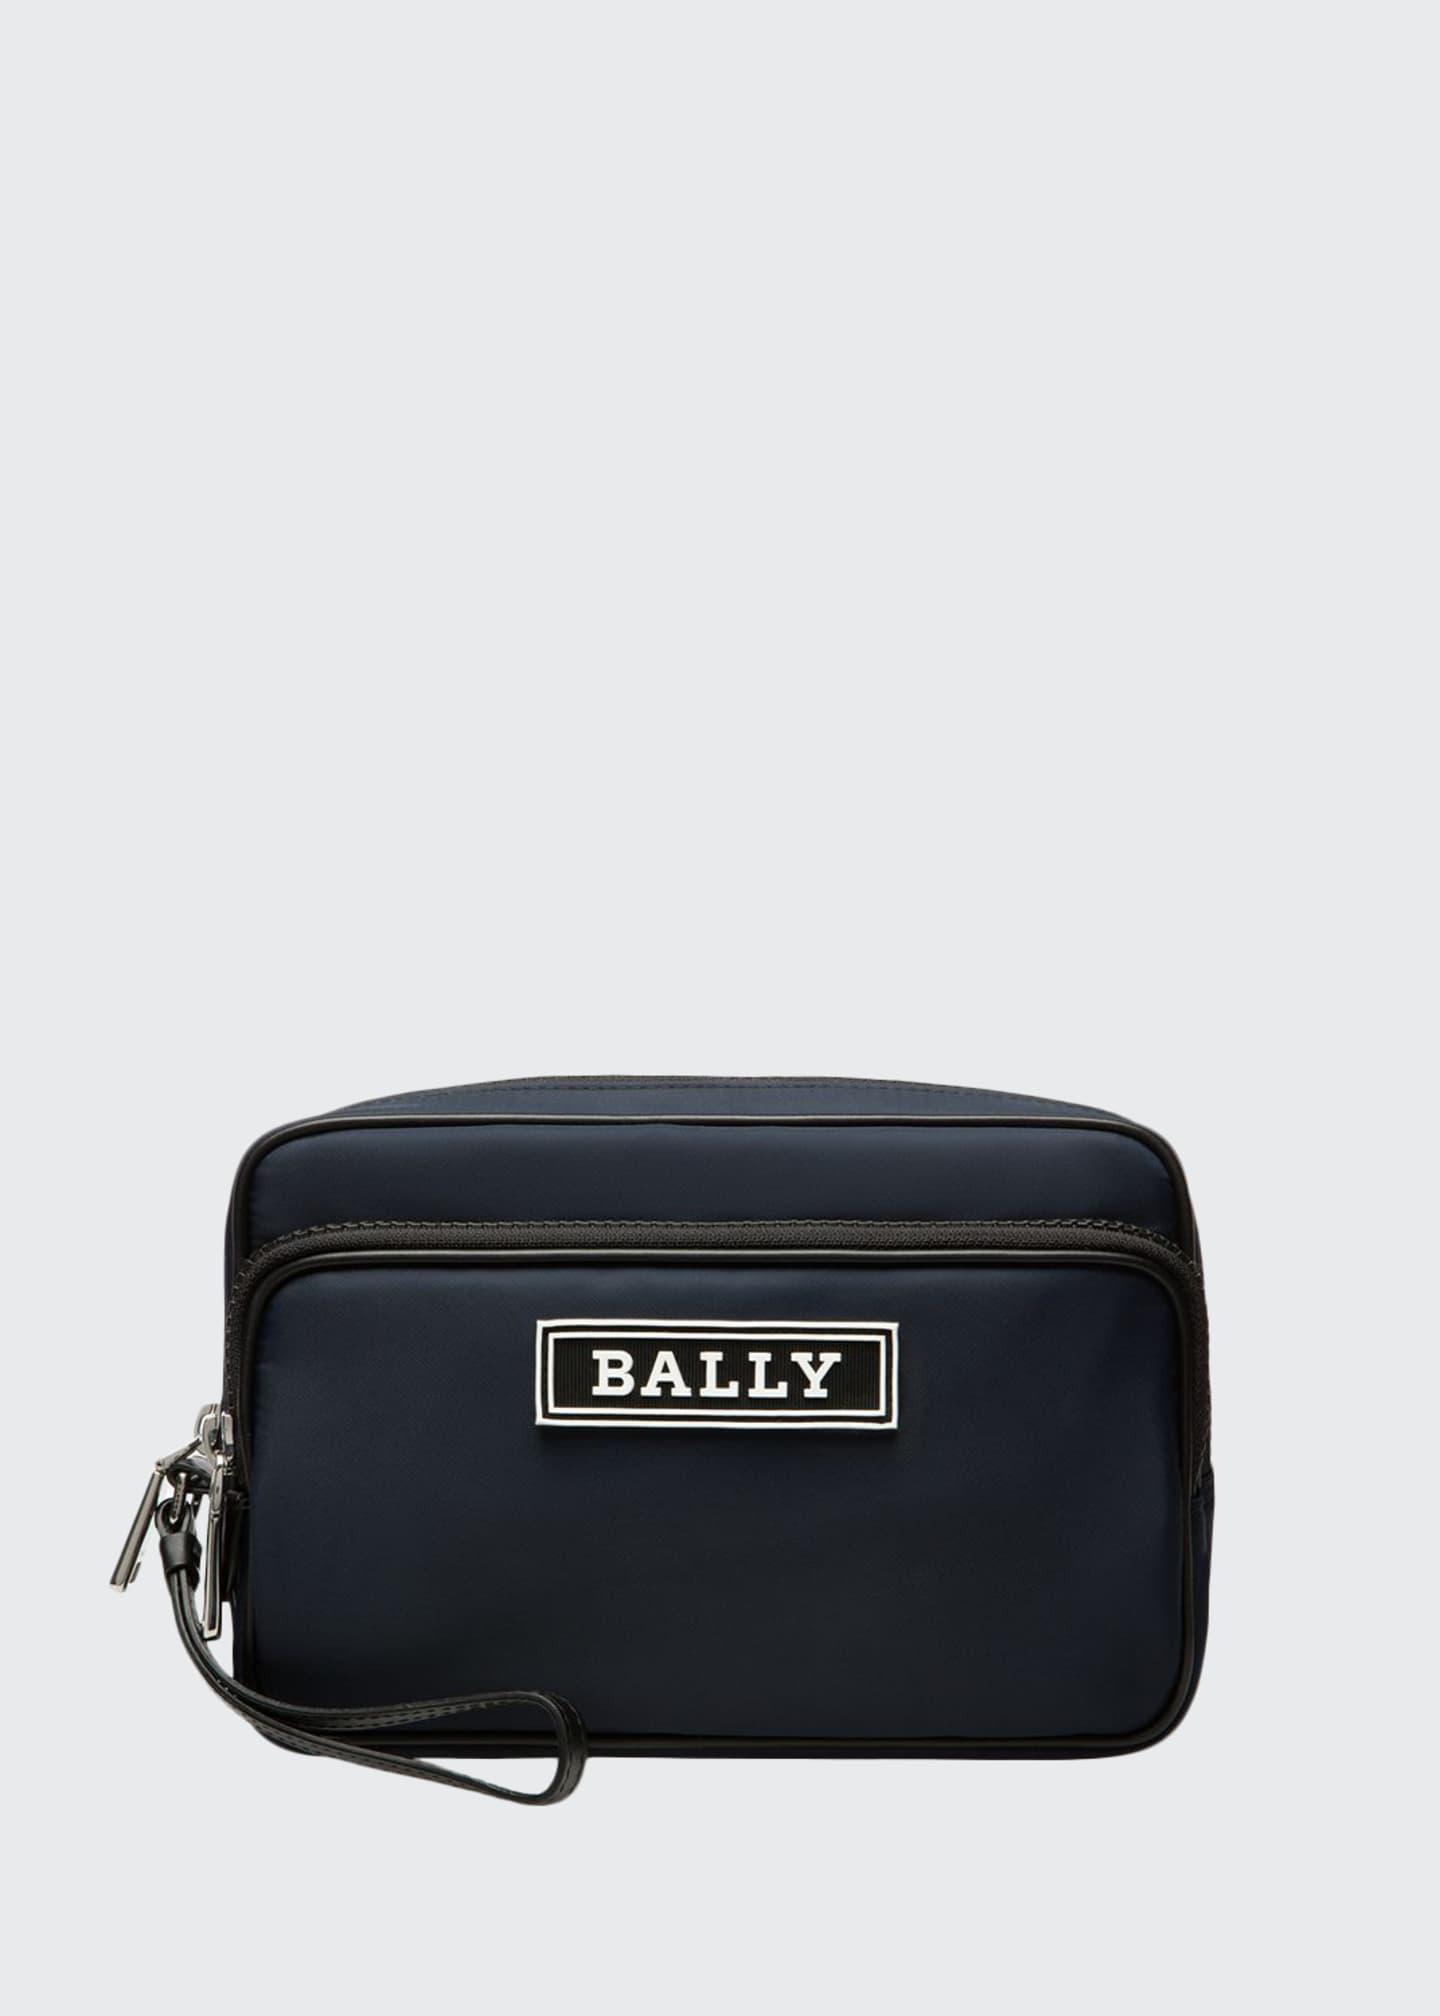 Bally Men's Enton Nylon Clutch Bag